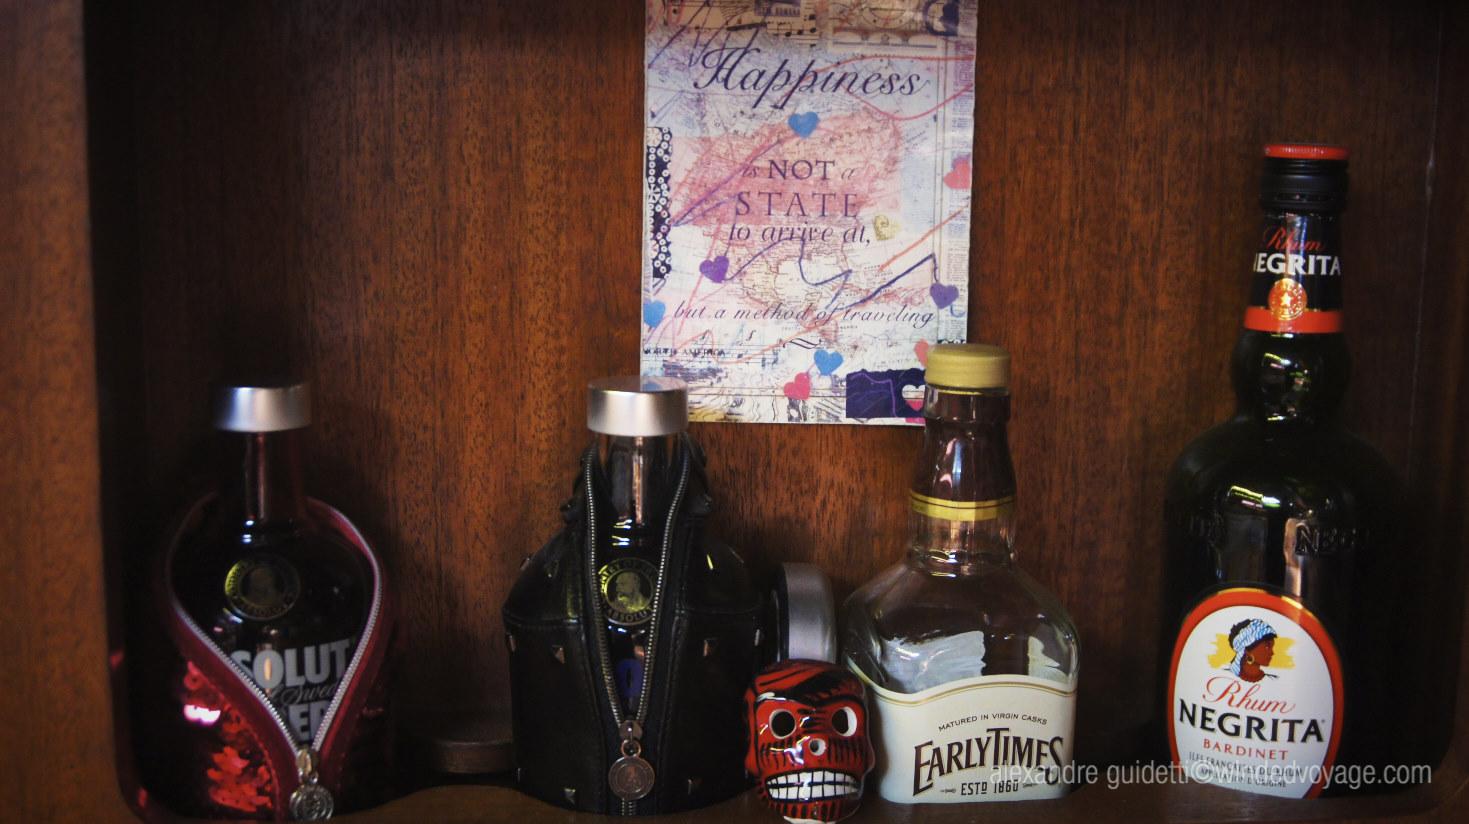 Interior of Galopin day bar